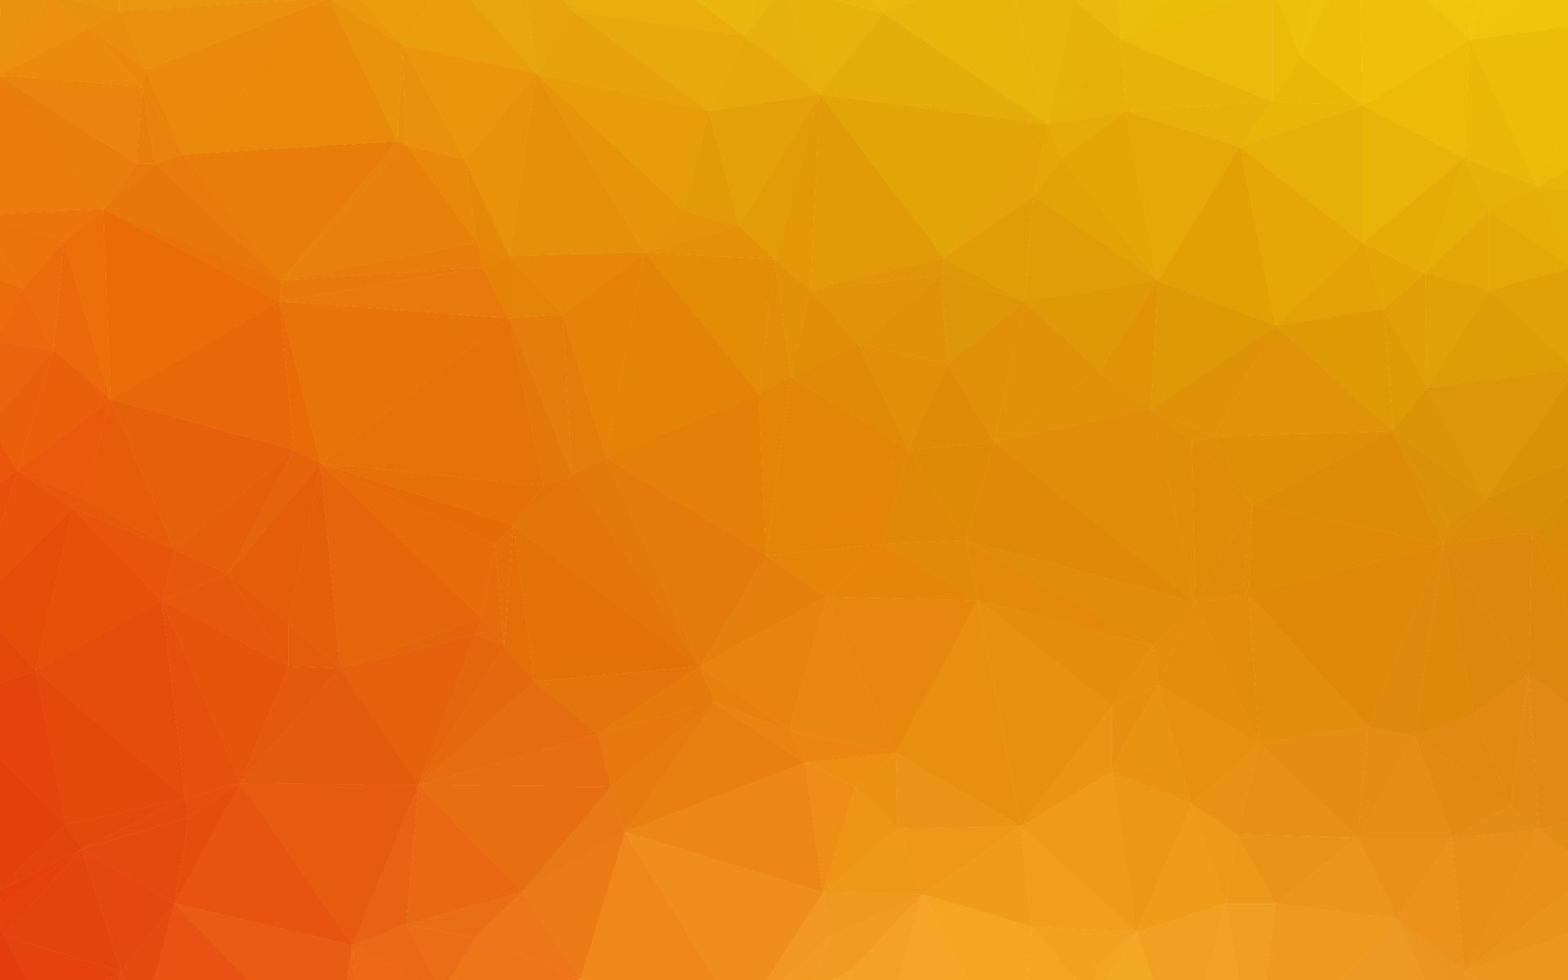 fundo abstrato do polígono do vetor amarelo e laranja claro.